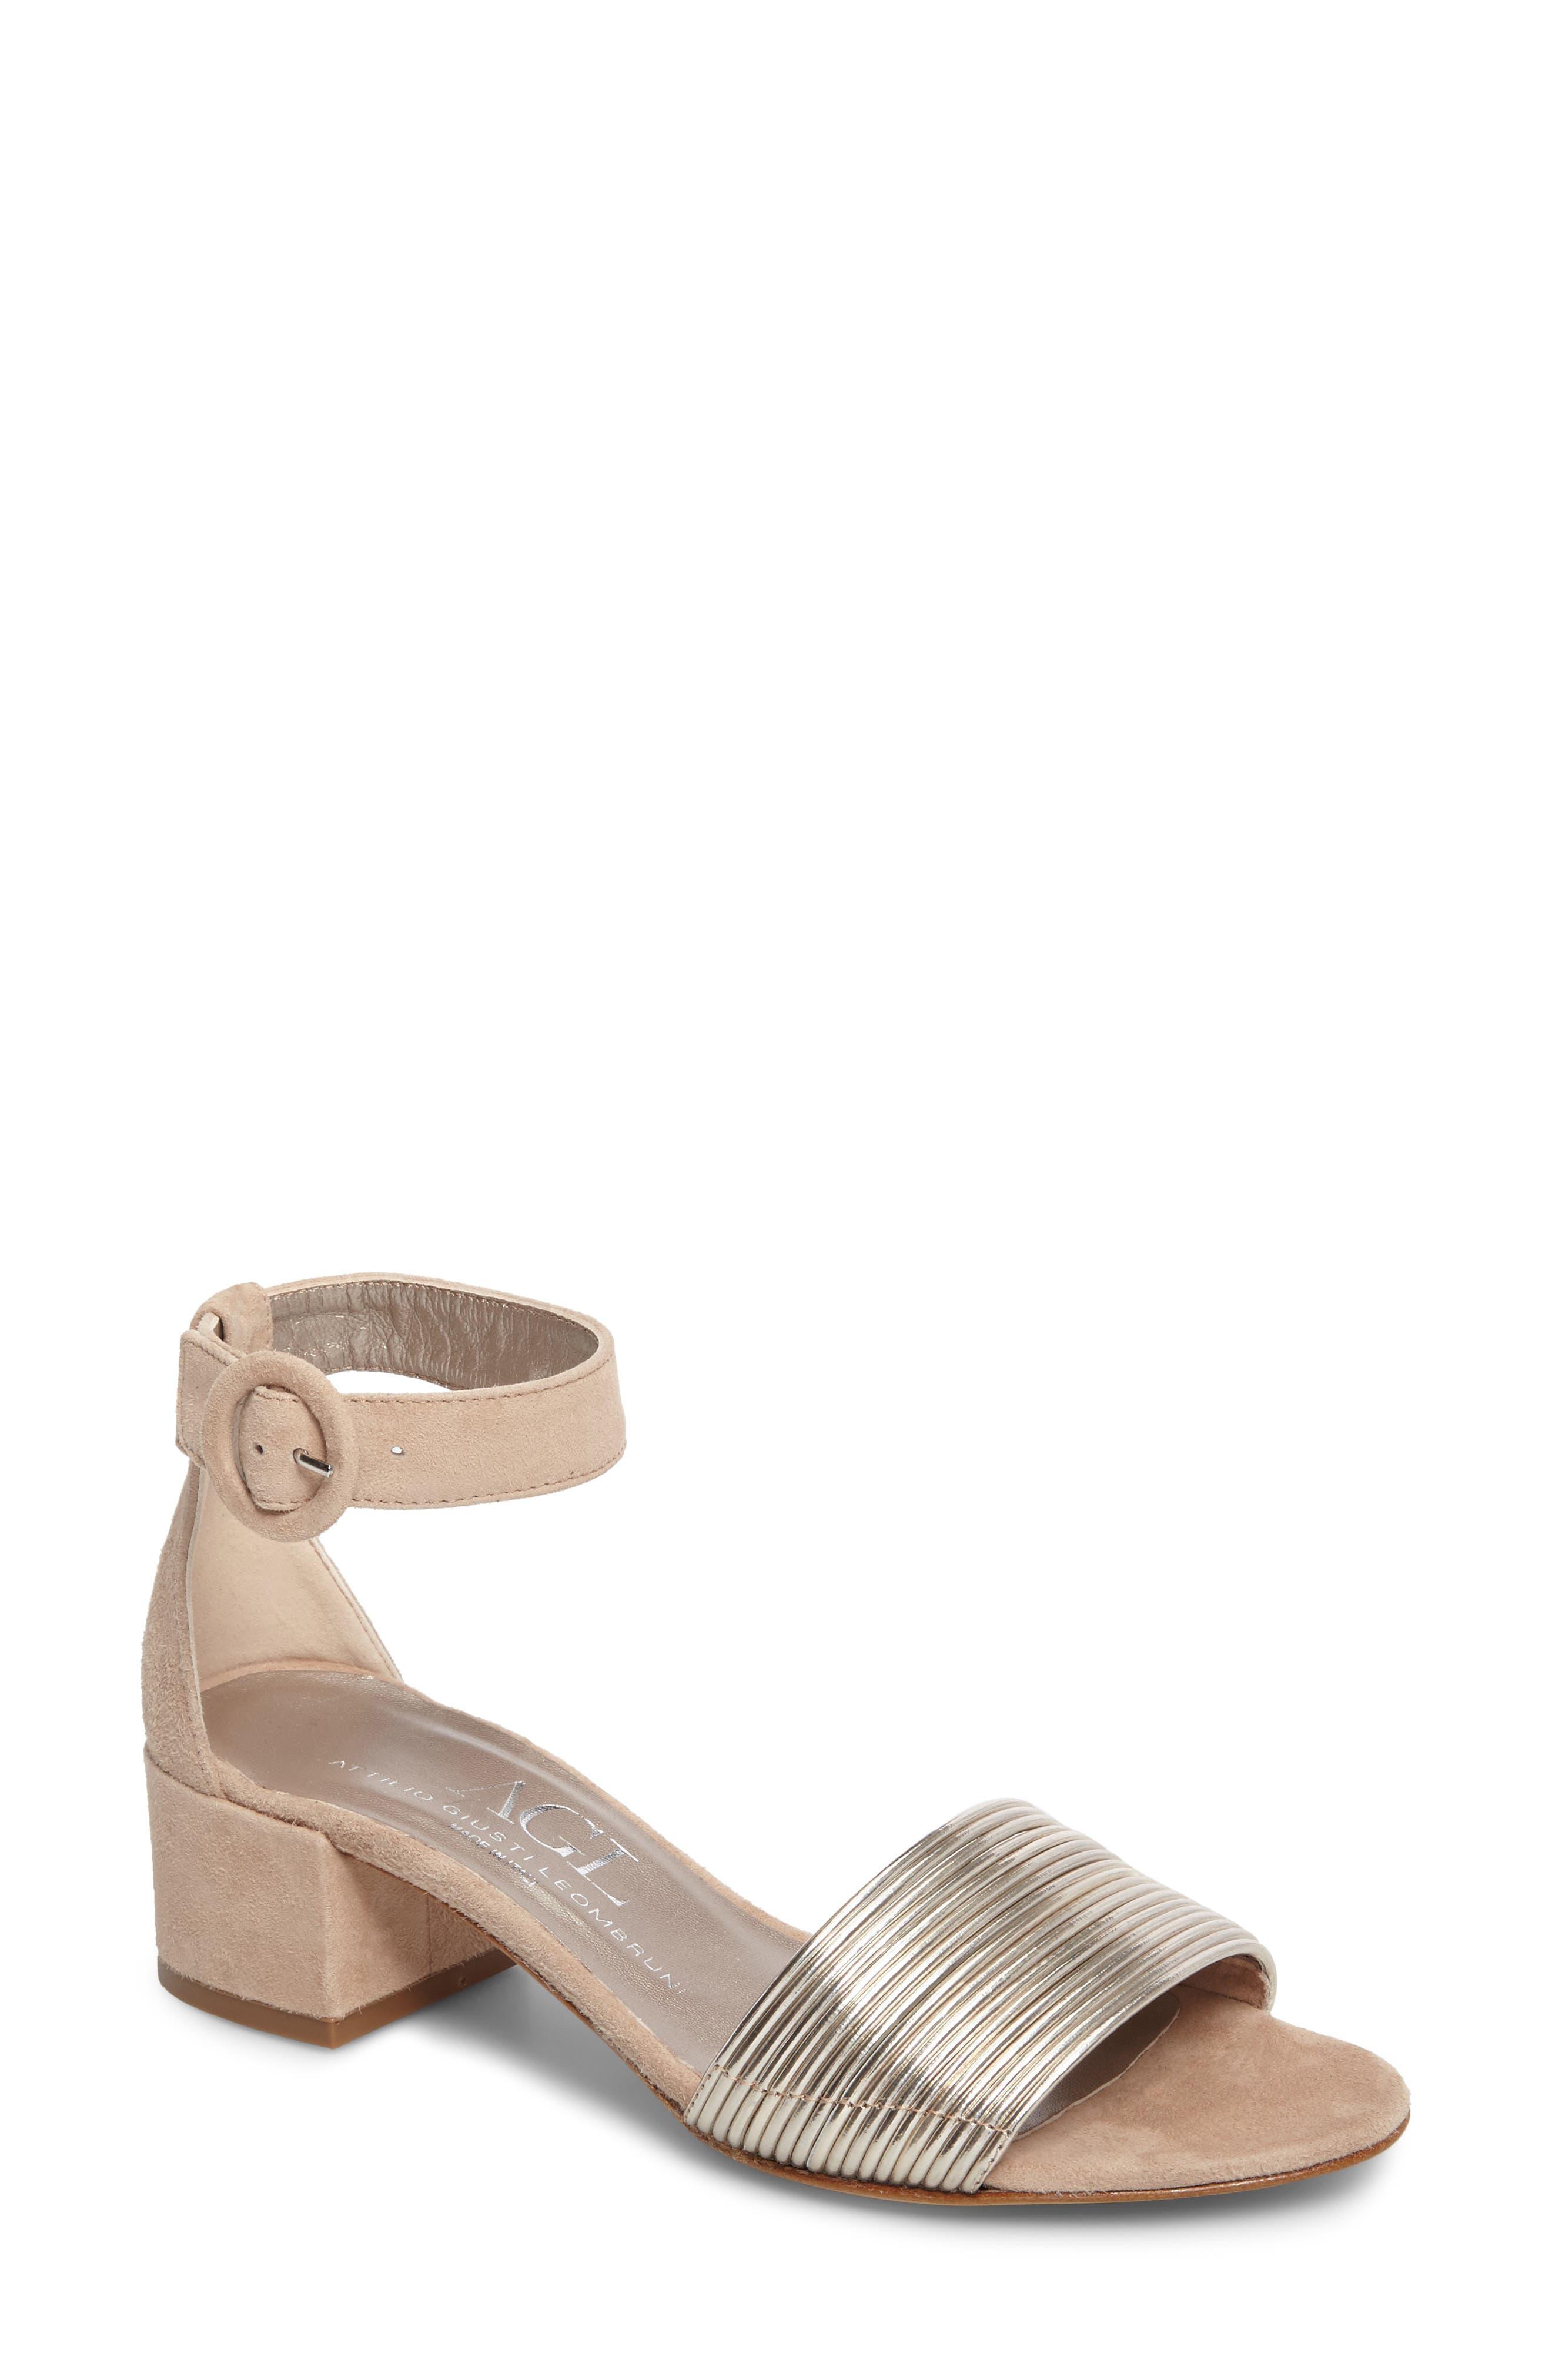 Ankle Strap Sandal,                             Main thumbnail 1, color,                             PLATINUM SUEDE